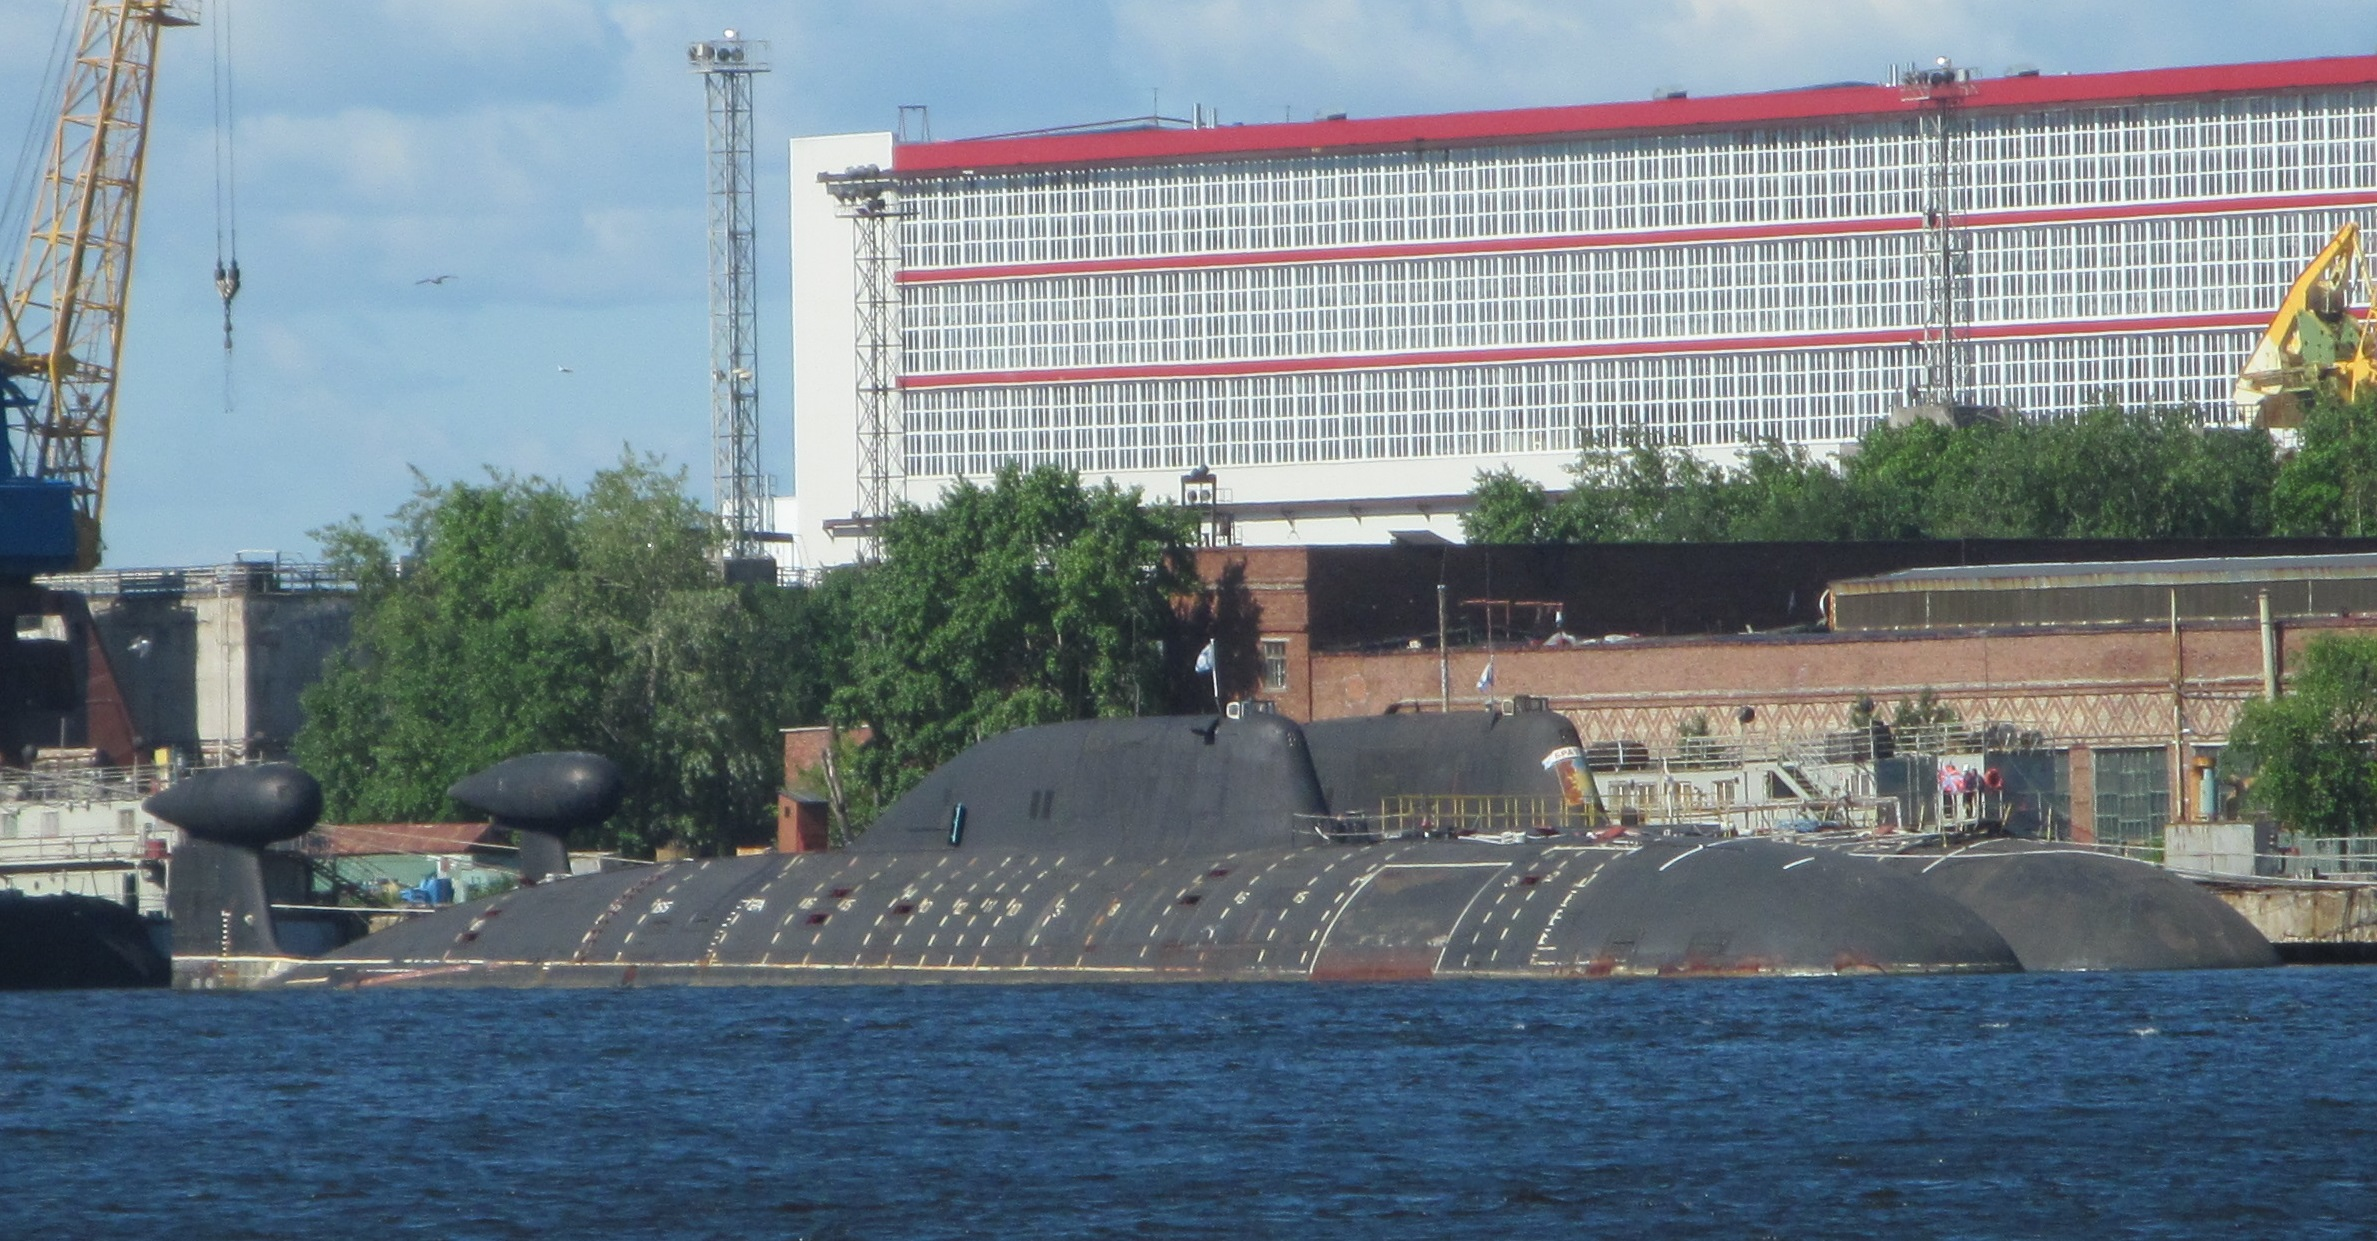 Россия и Индия близки к соглашению о лизинге еще одной атомной подводной лодки проекта 971